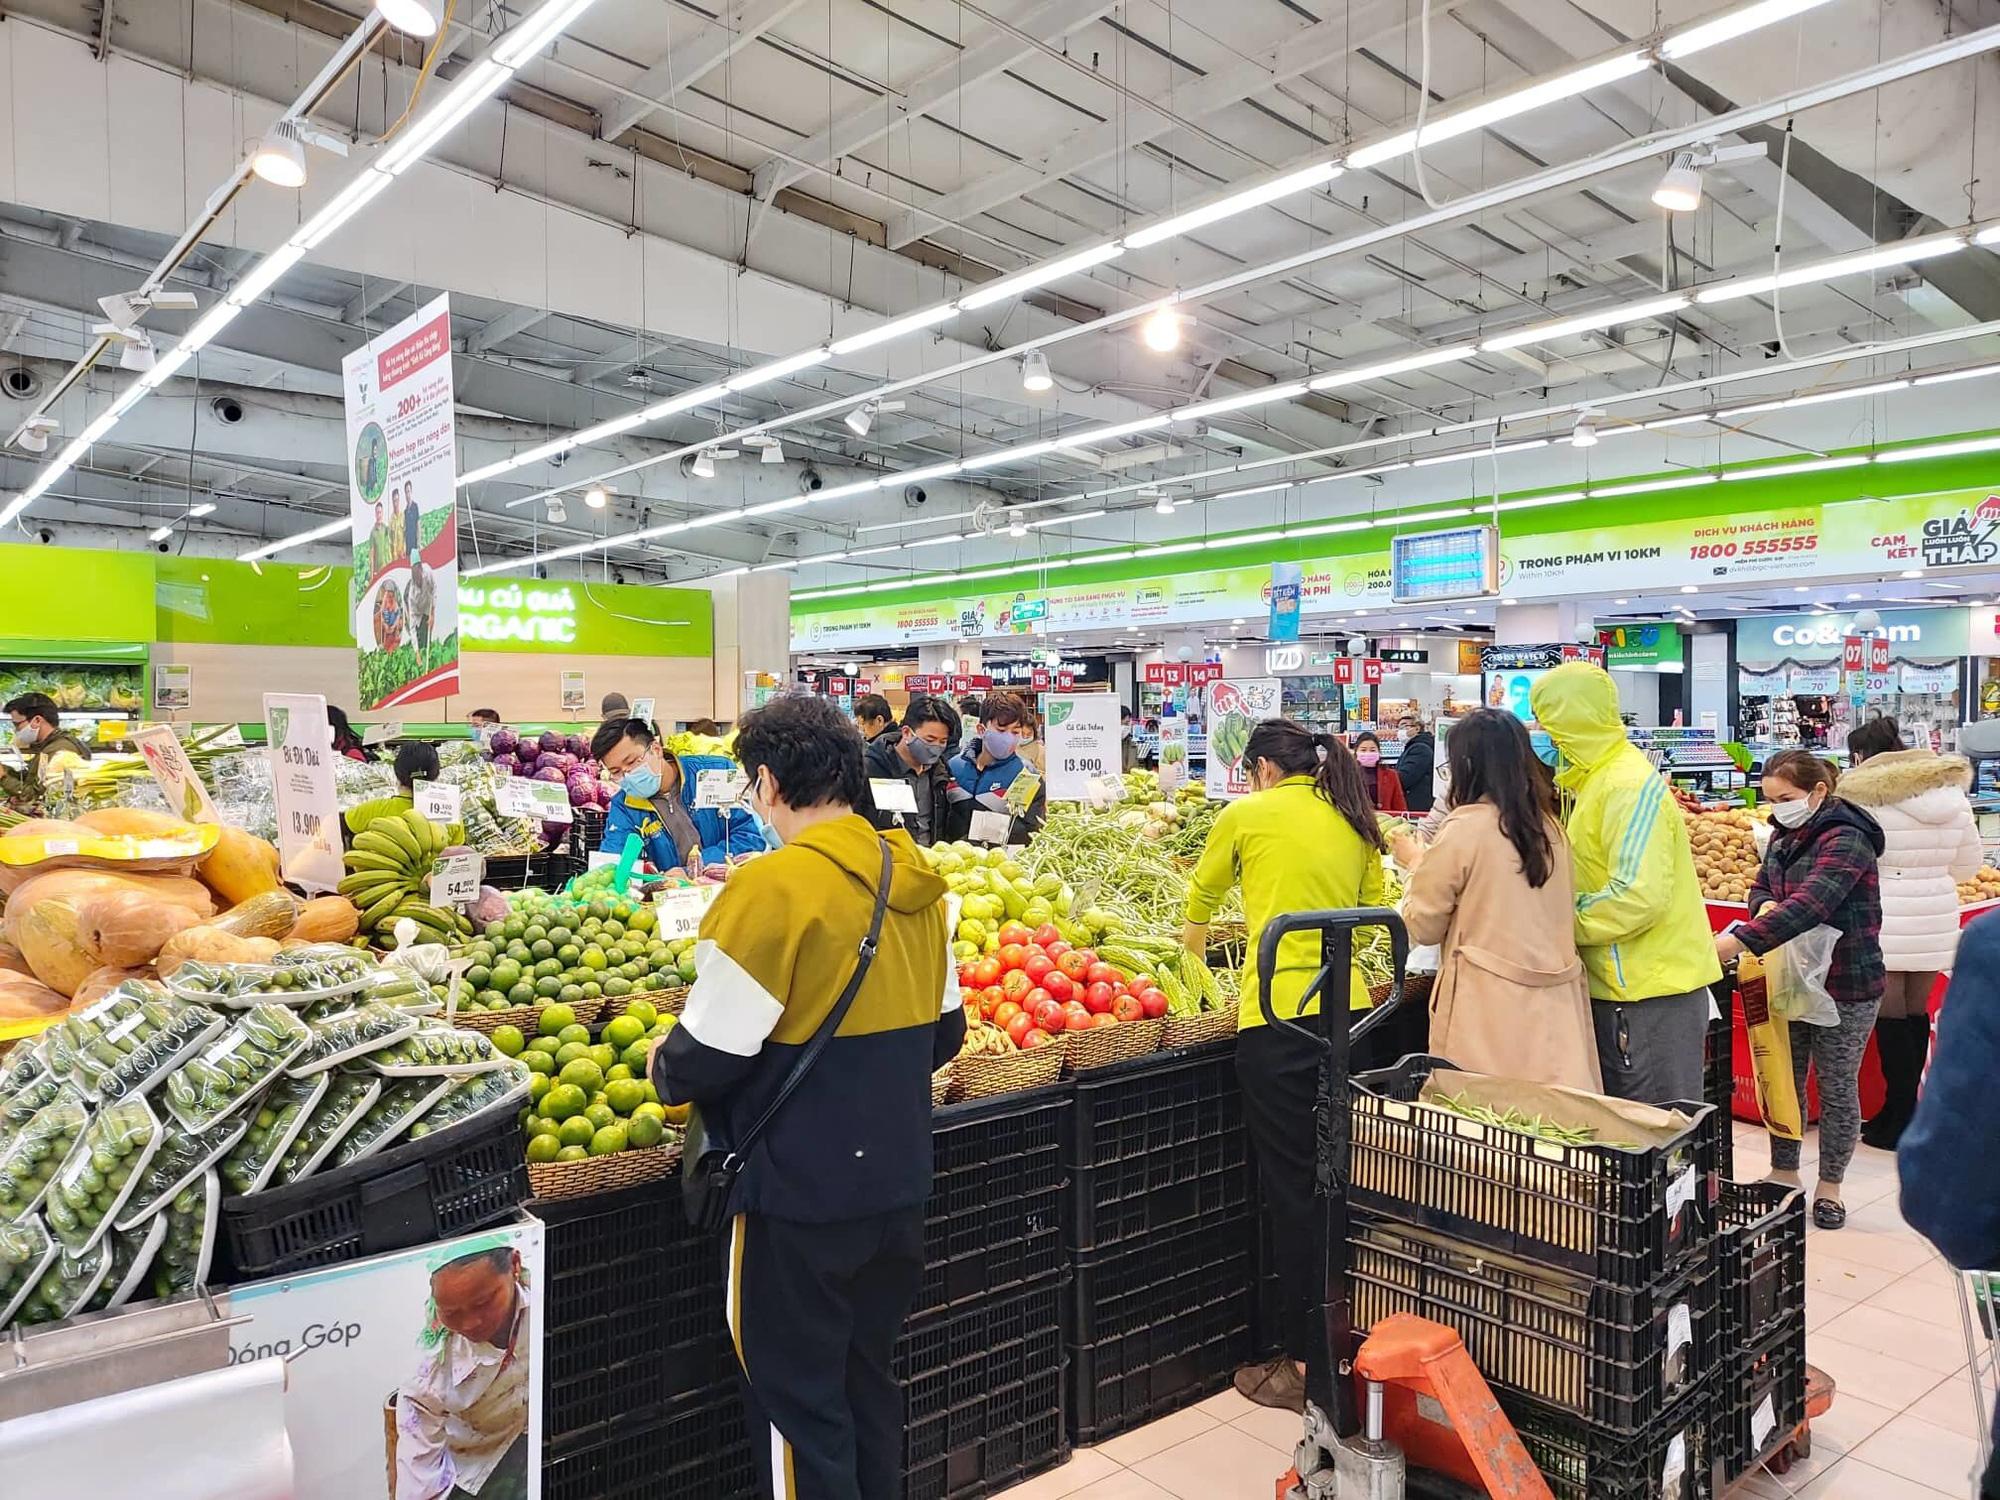 Địa chỉ cửa hàng, siêu thị bán thực phẩm bạn cần biết khi Hà Nội giãn cách xã hội theo Chỉ thị 16 - Ảnh 6.